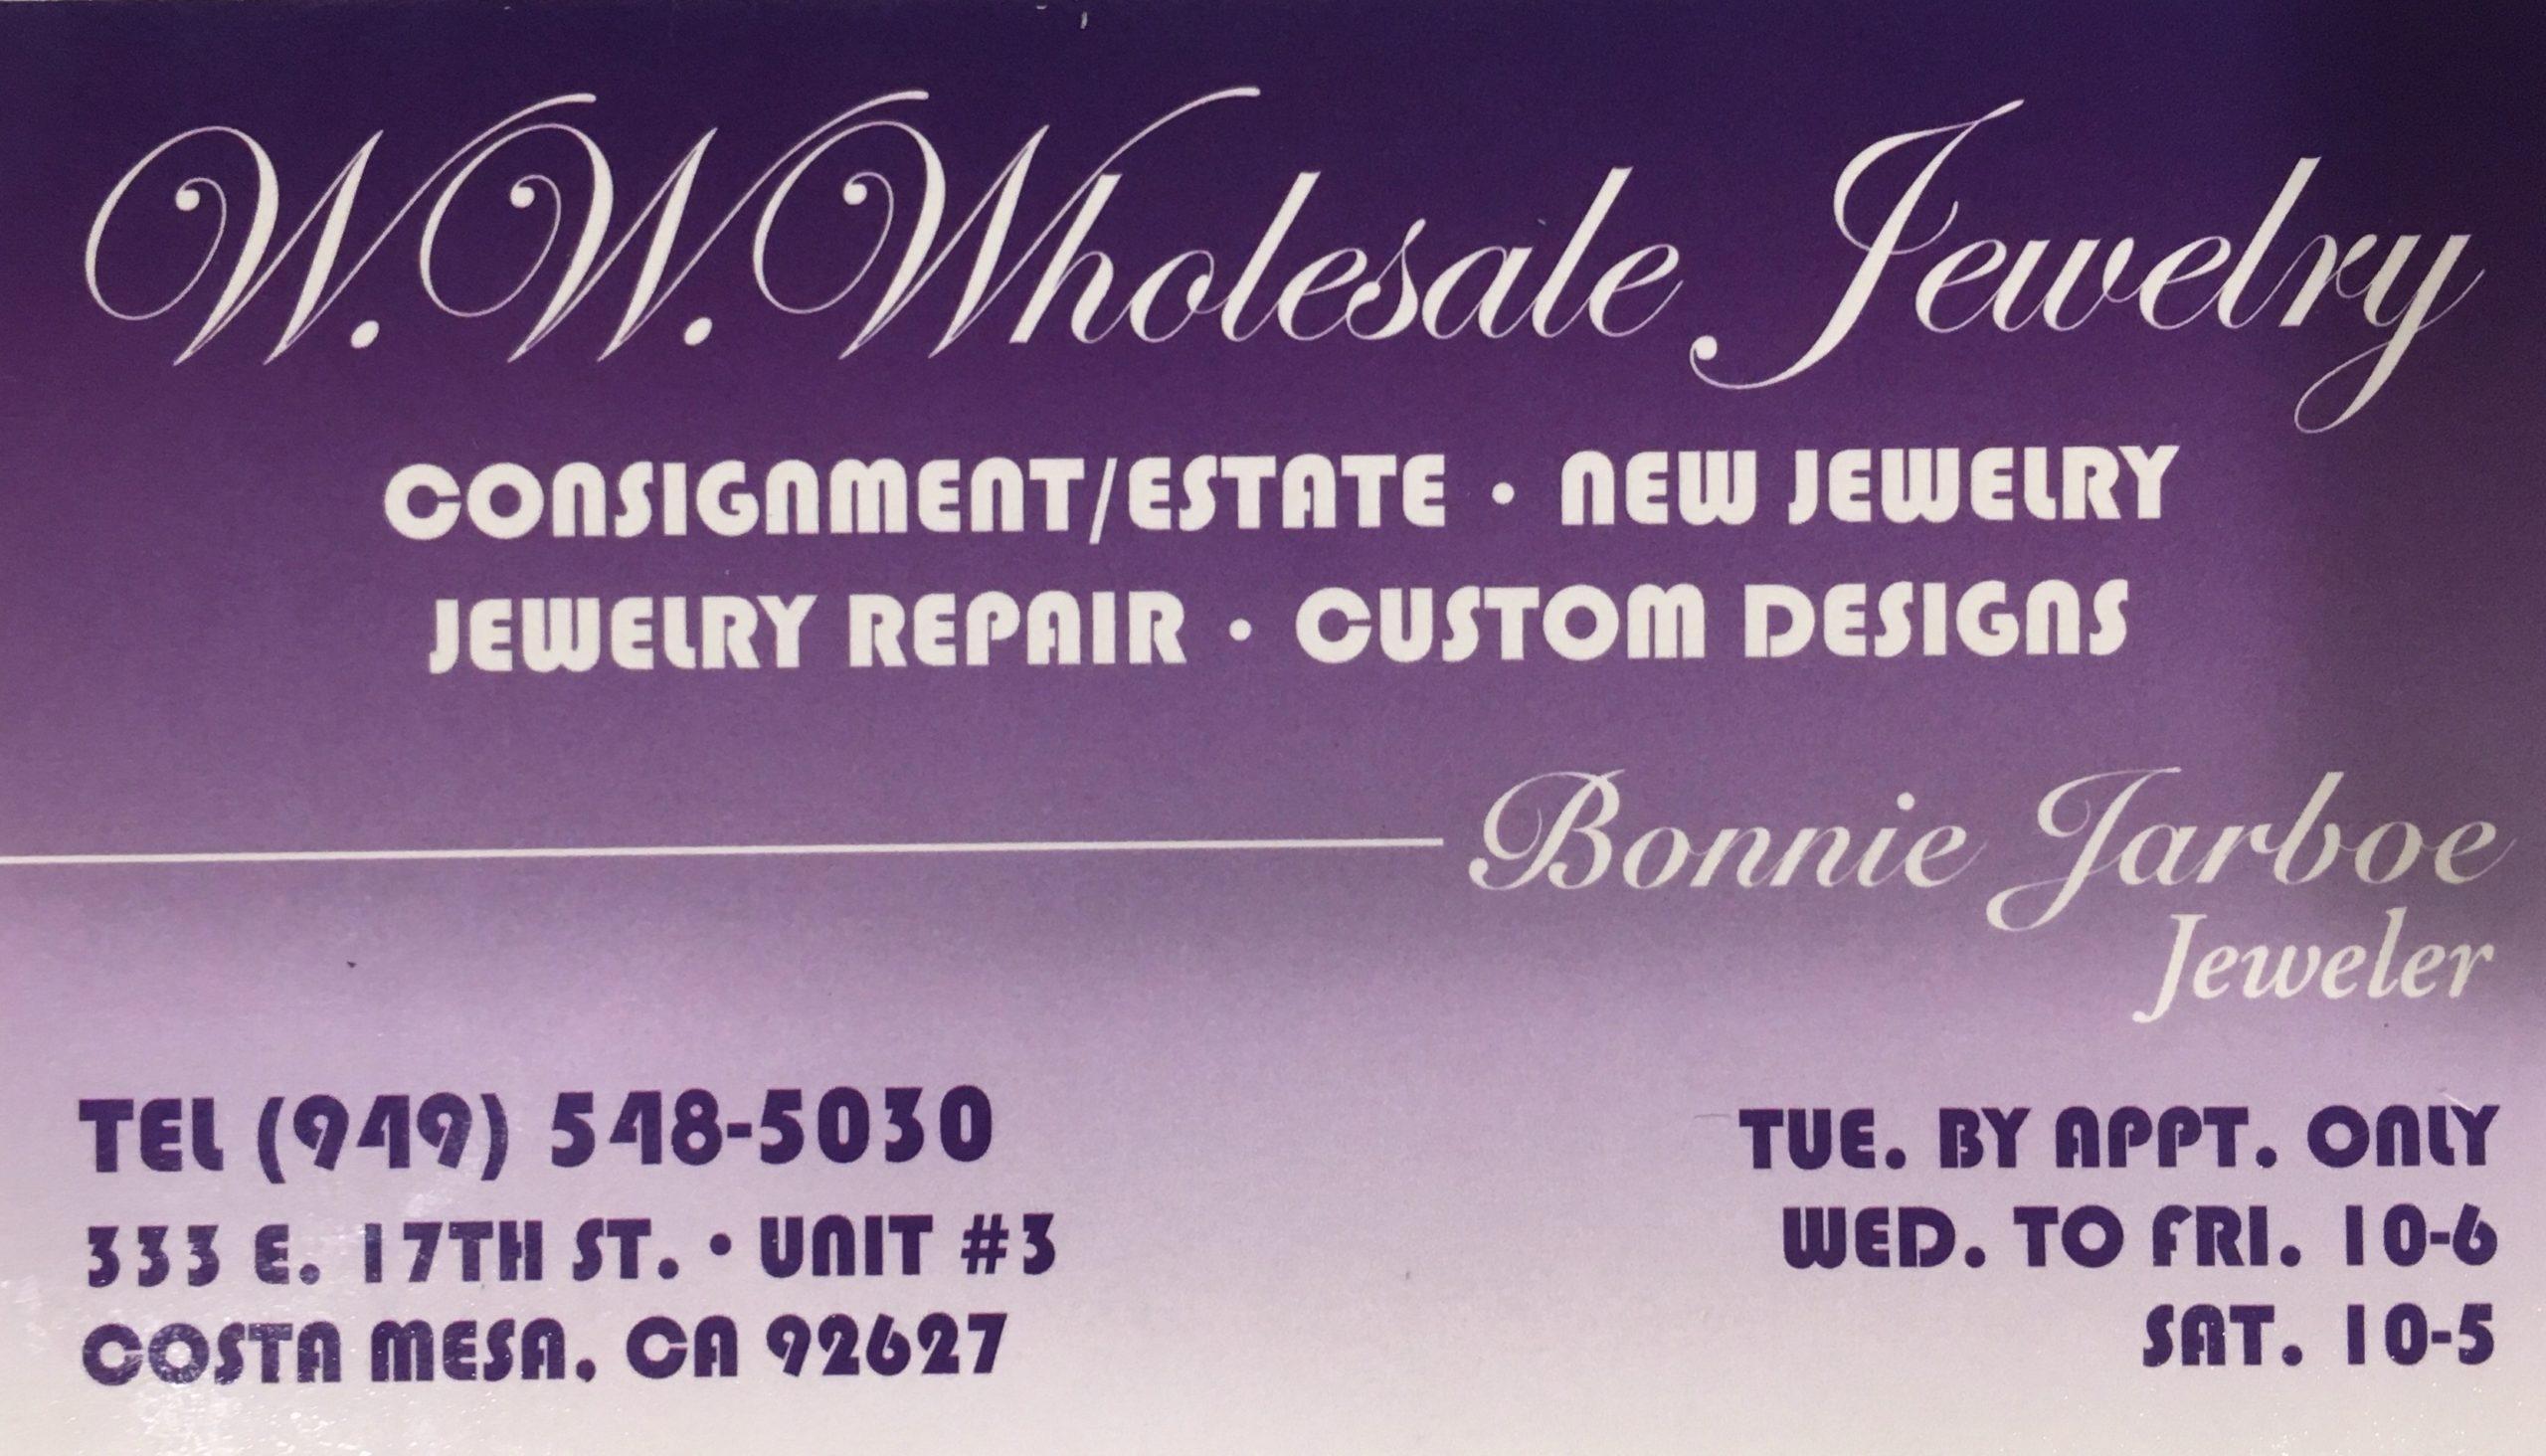 WW Wholesale Jewelry